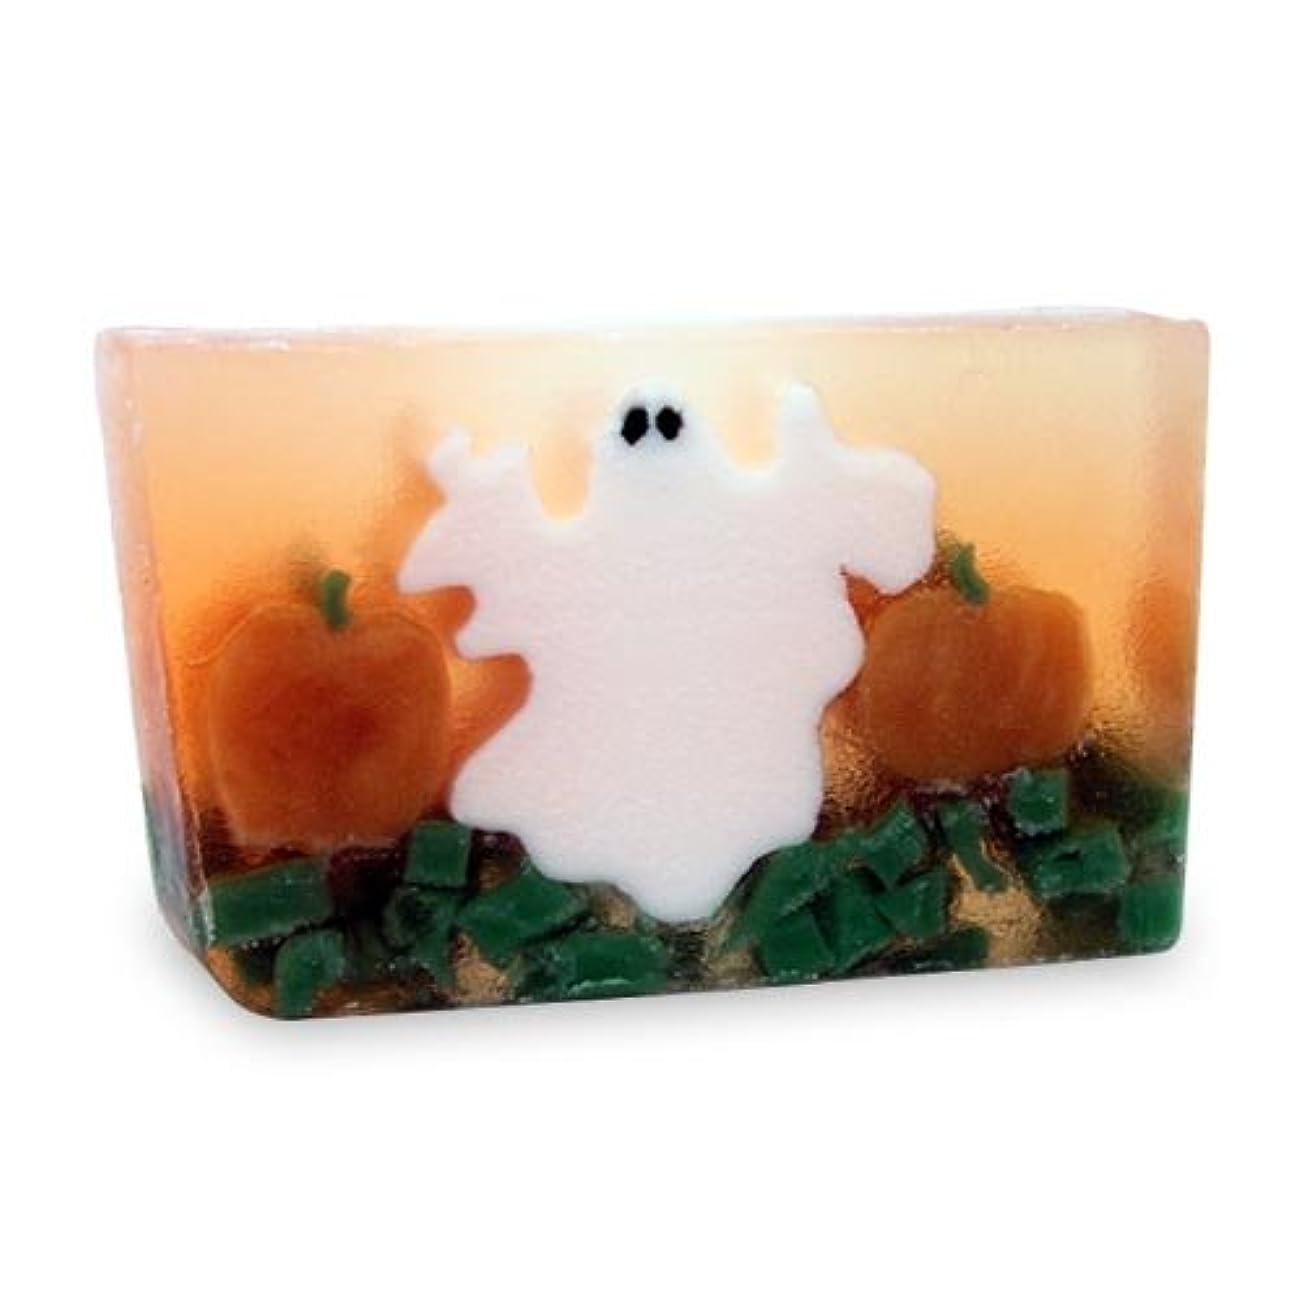 ステートメントクリスマス共和国プライモールエレメンツ アロマティック ソープ ゴースト 180g ハロウィンにおすすめ植物性のナチュラル石鹸